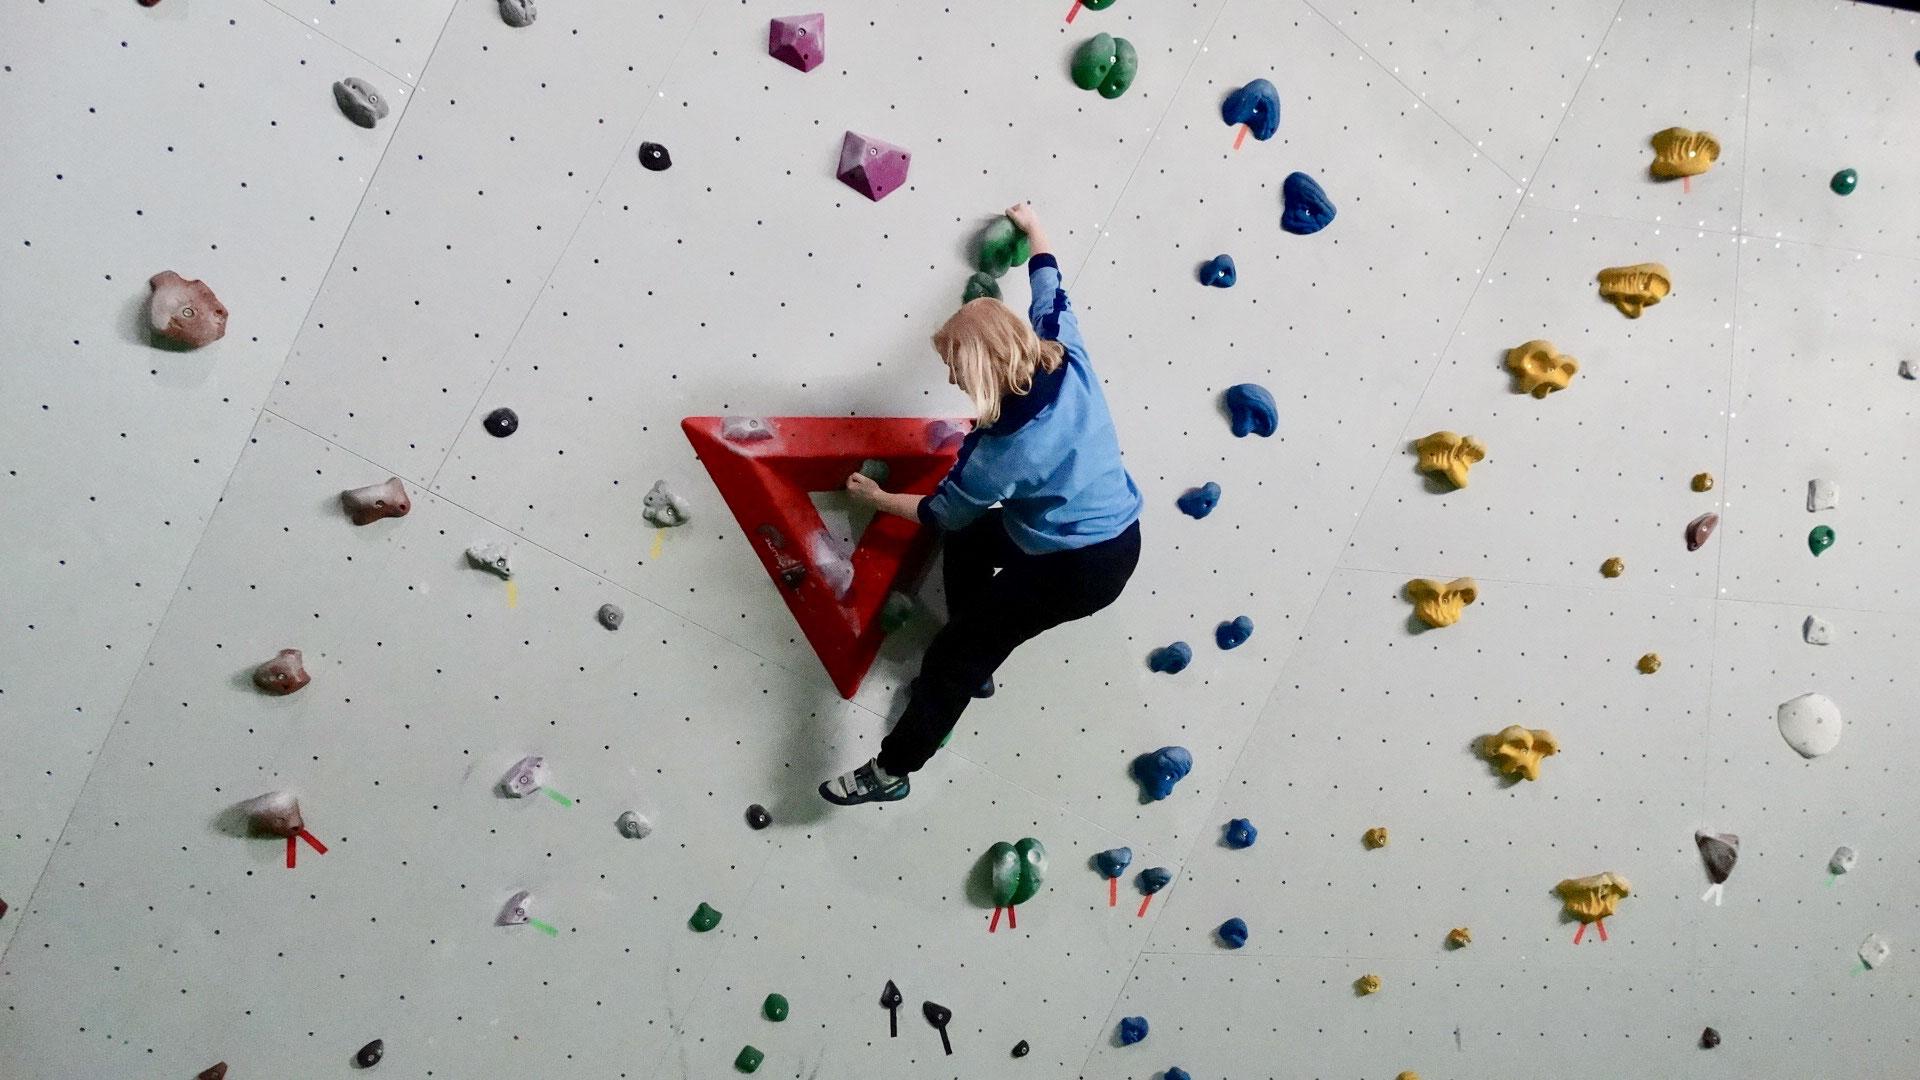 Kletterausrüstung Flensburg : Startseite boulderhalle gravity bad kreuznach